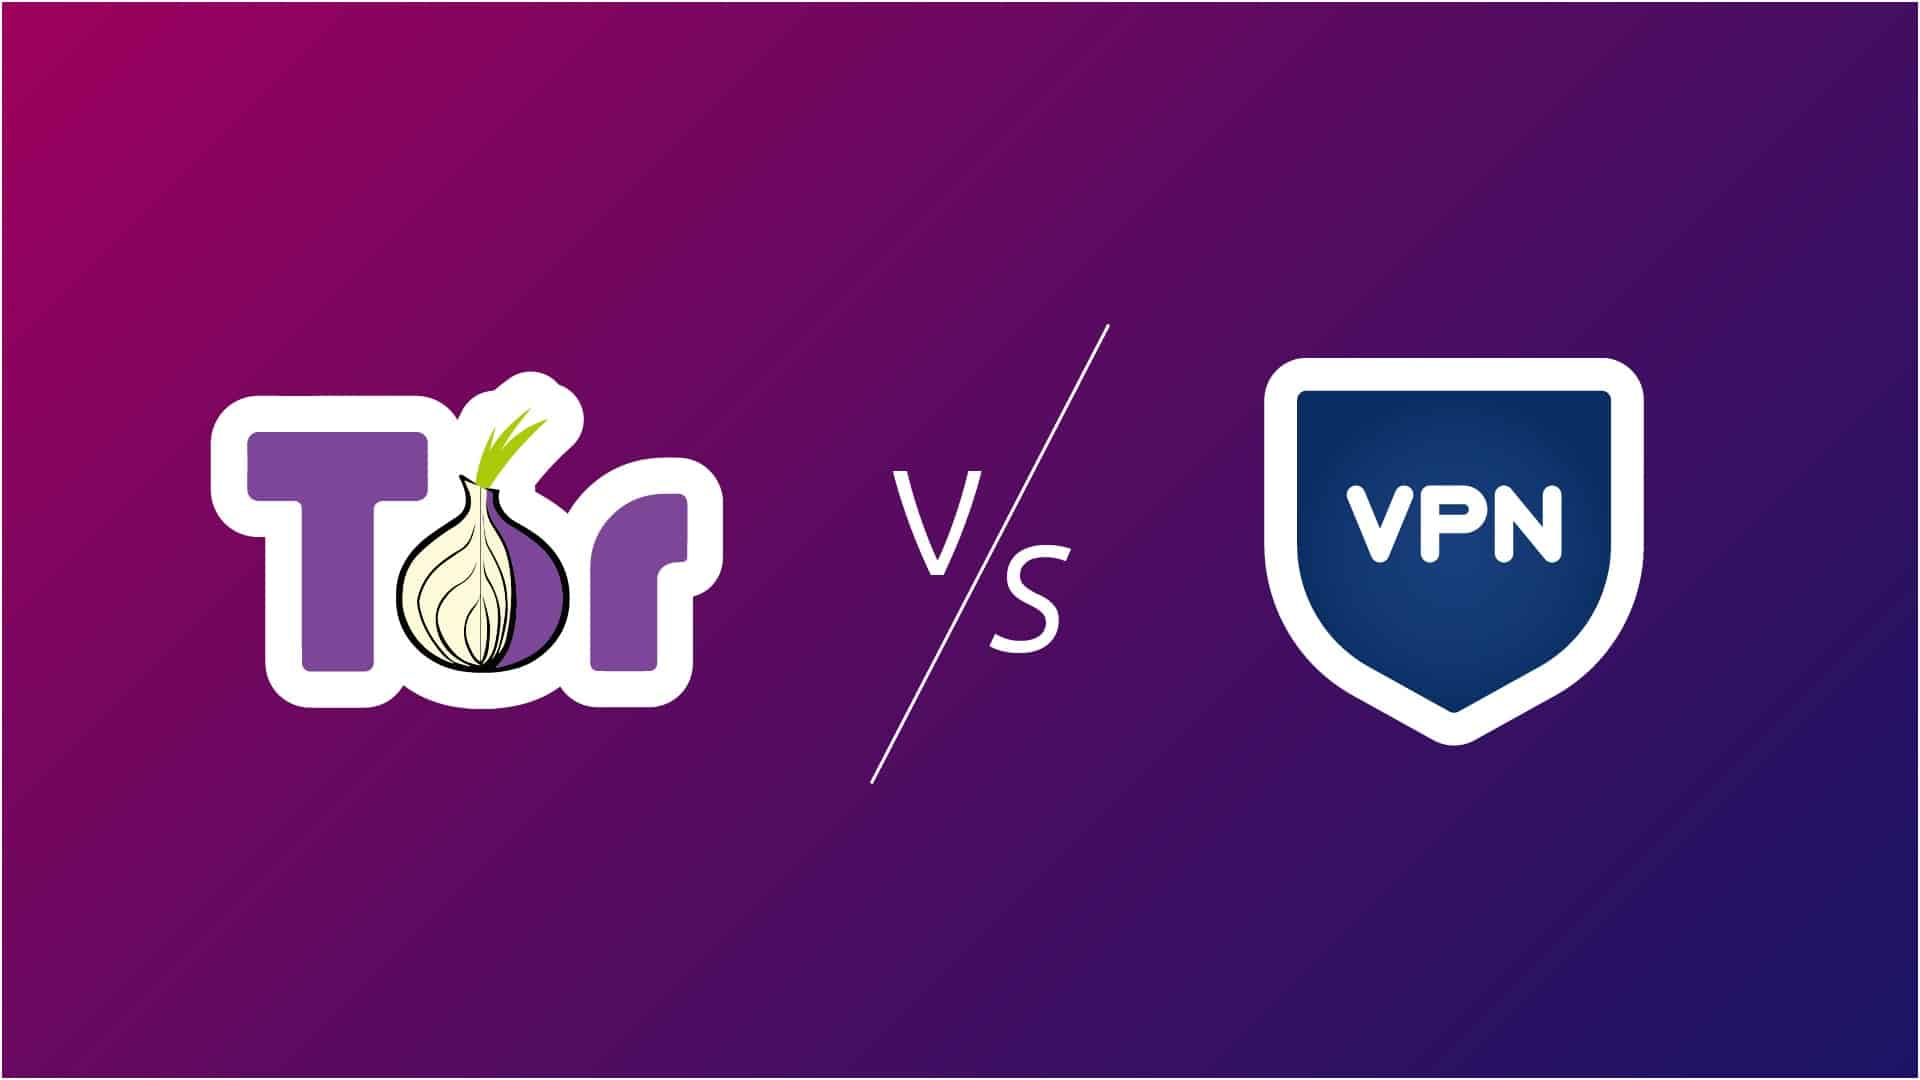 imagem 1 de Tor x VPN como funcionam e qual é o melhor método de navegação